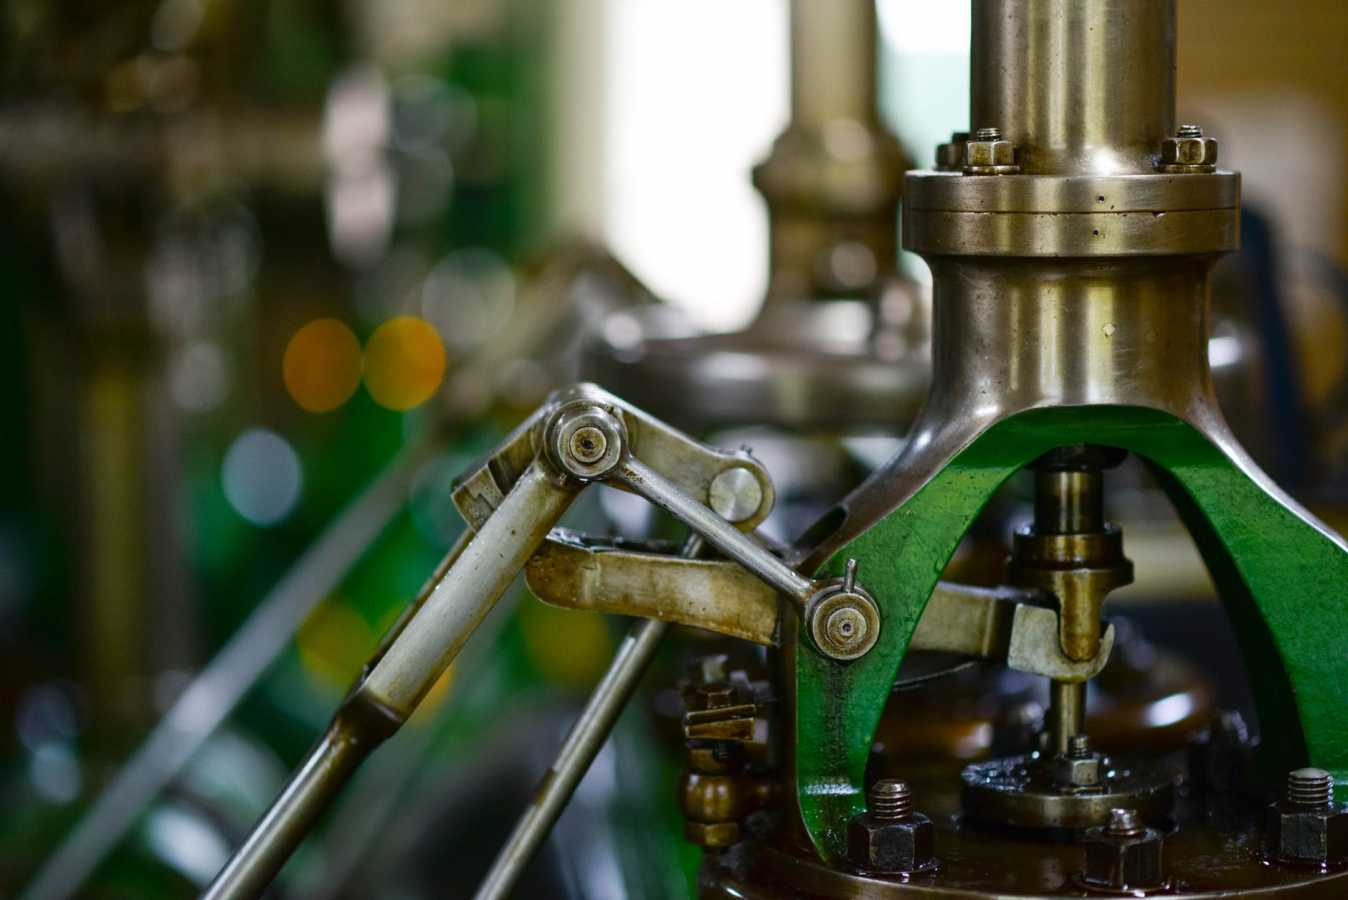 machine-mill-industry-steam-633850